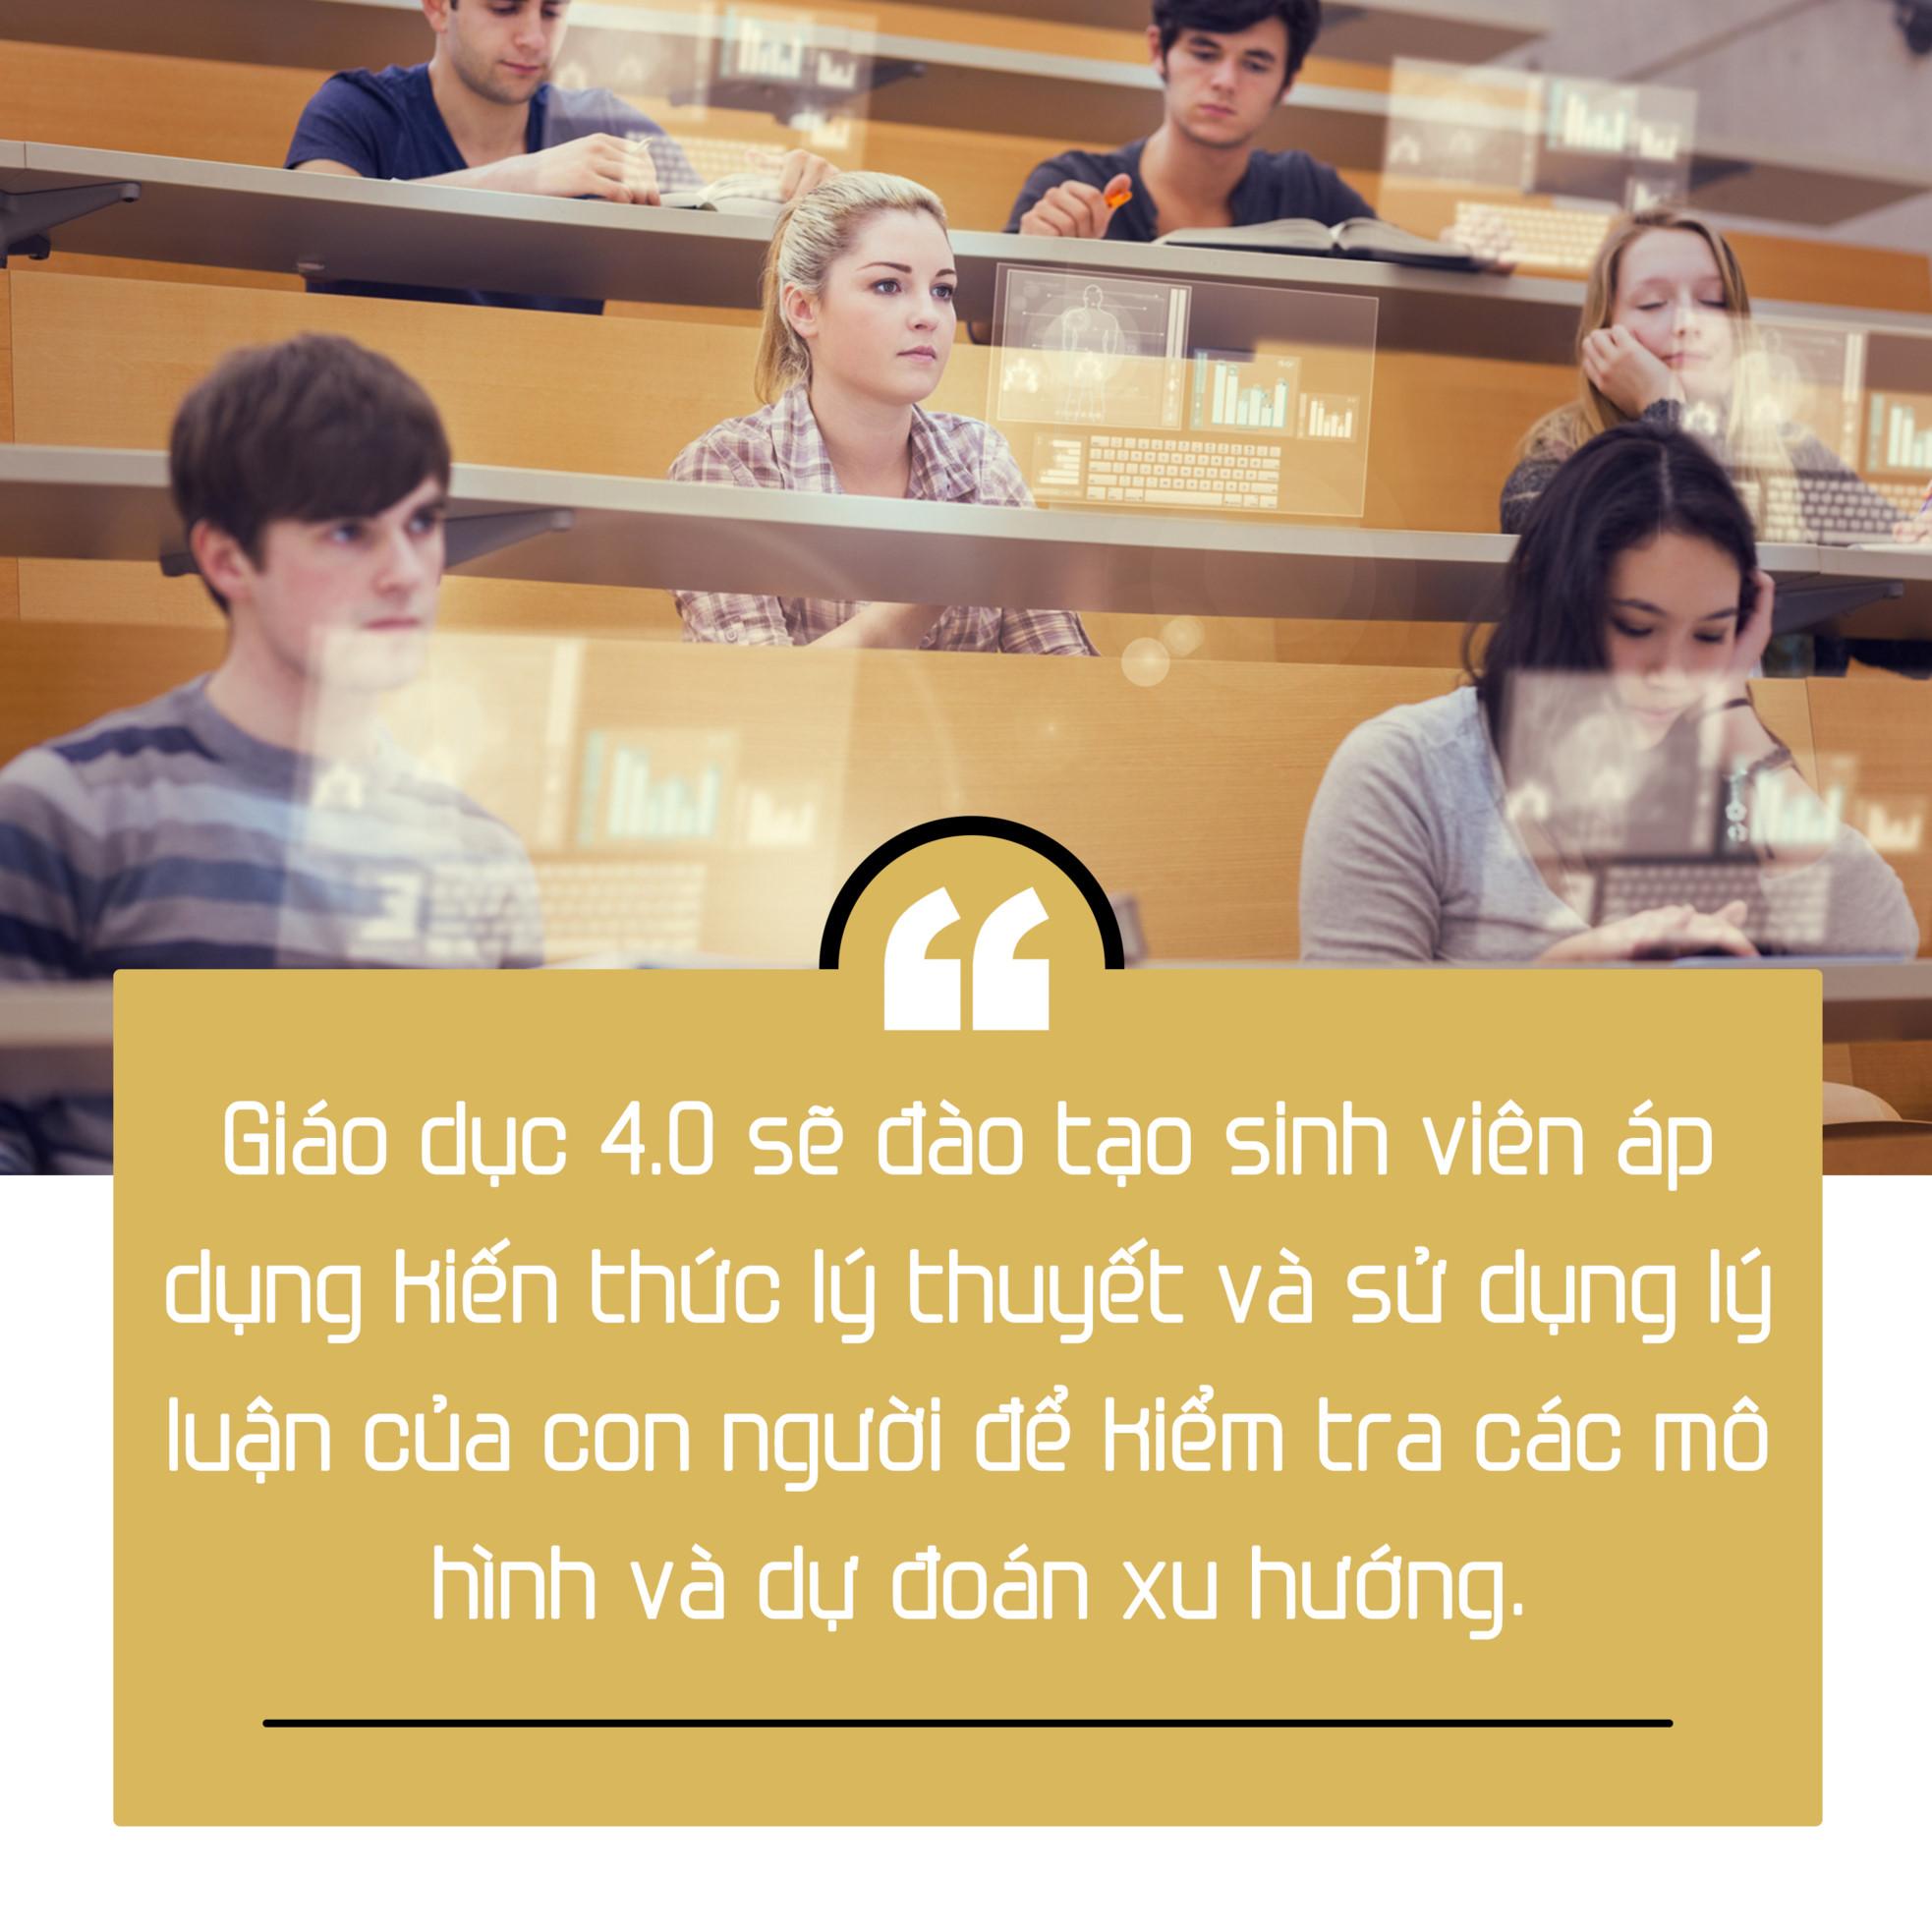 Giáo dục 4.0 sẽ không chỉ còn là lý thuyết, bài vở mà suy rộng ra Giáo dục còn gắn với thực tiễn cuộc sống